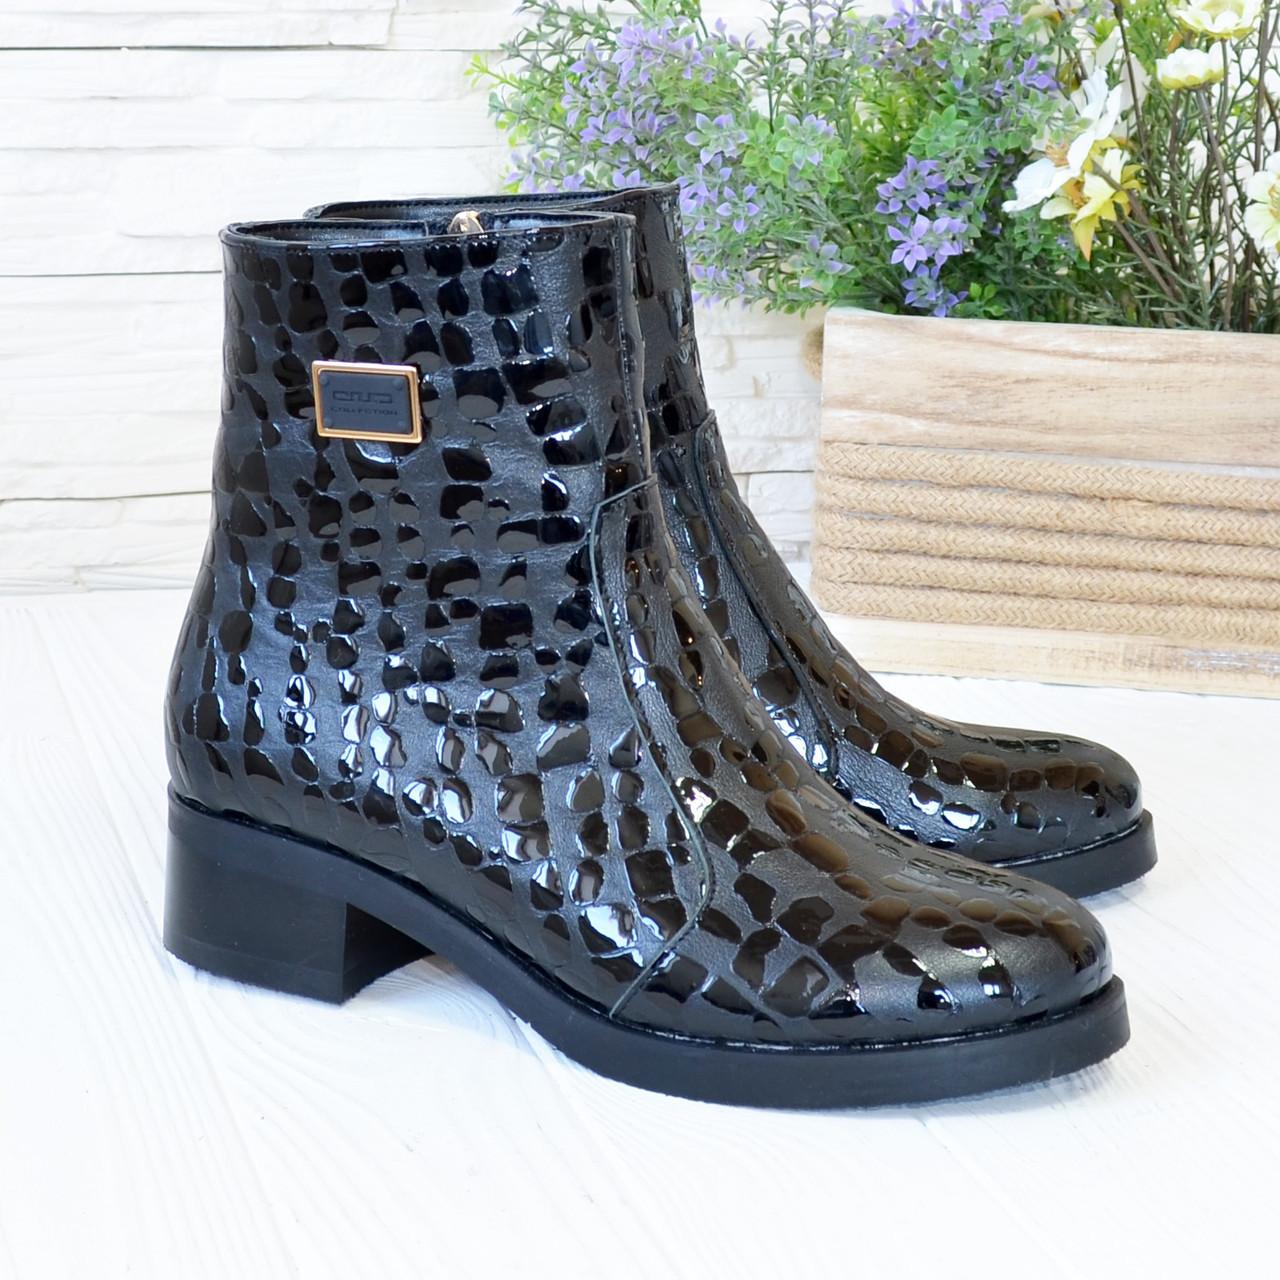 Ботинки женские кожаные на невысоком каблуке, декорированы фурнитурой